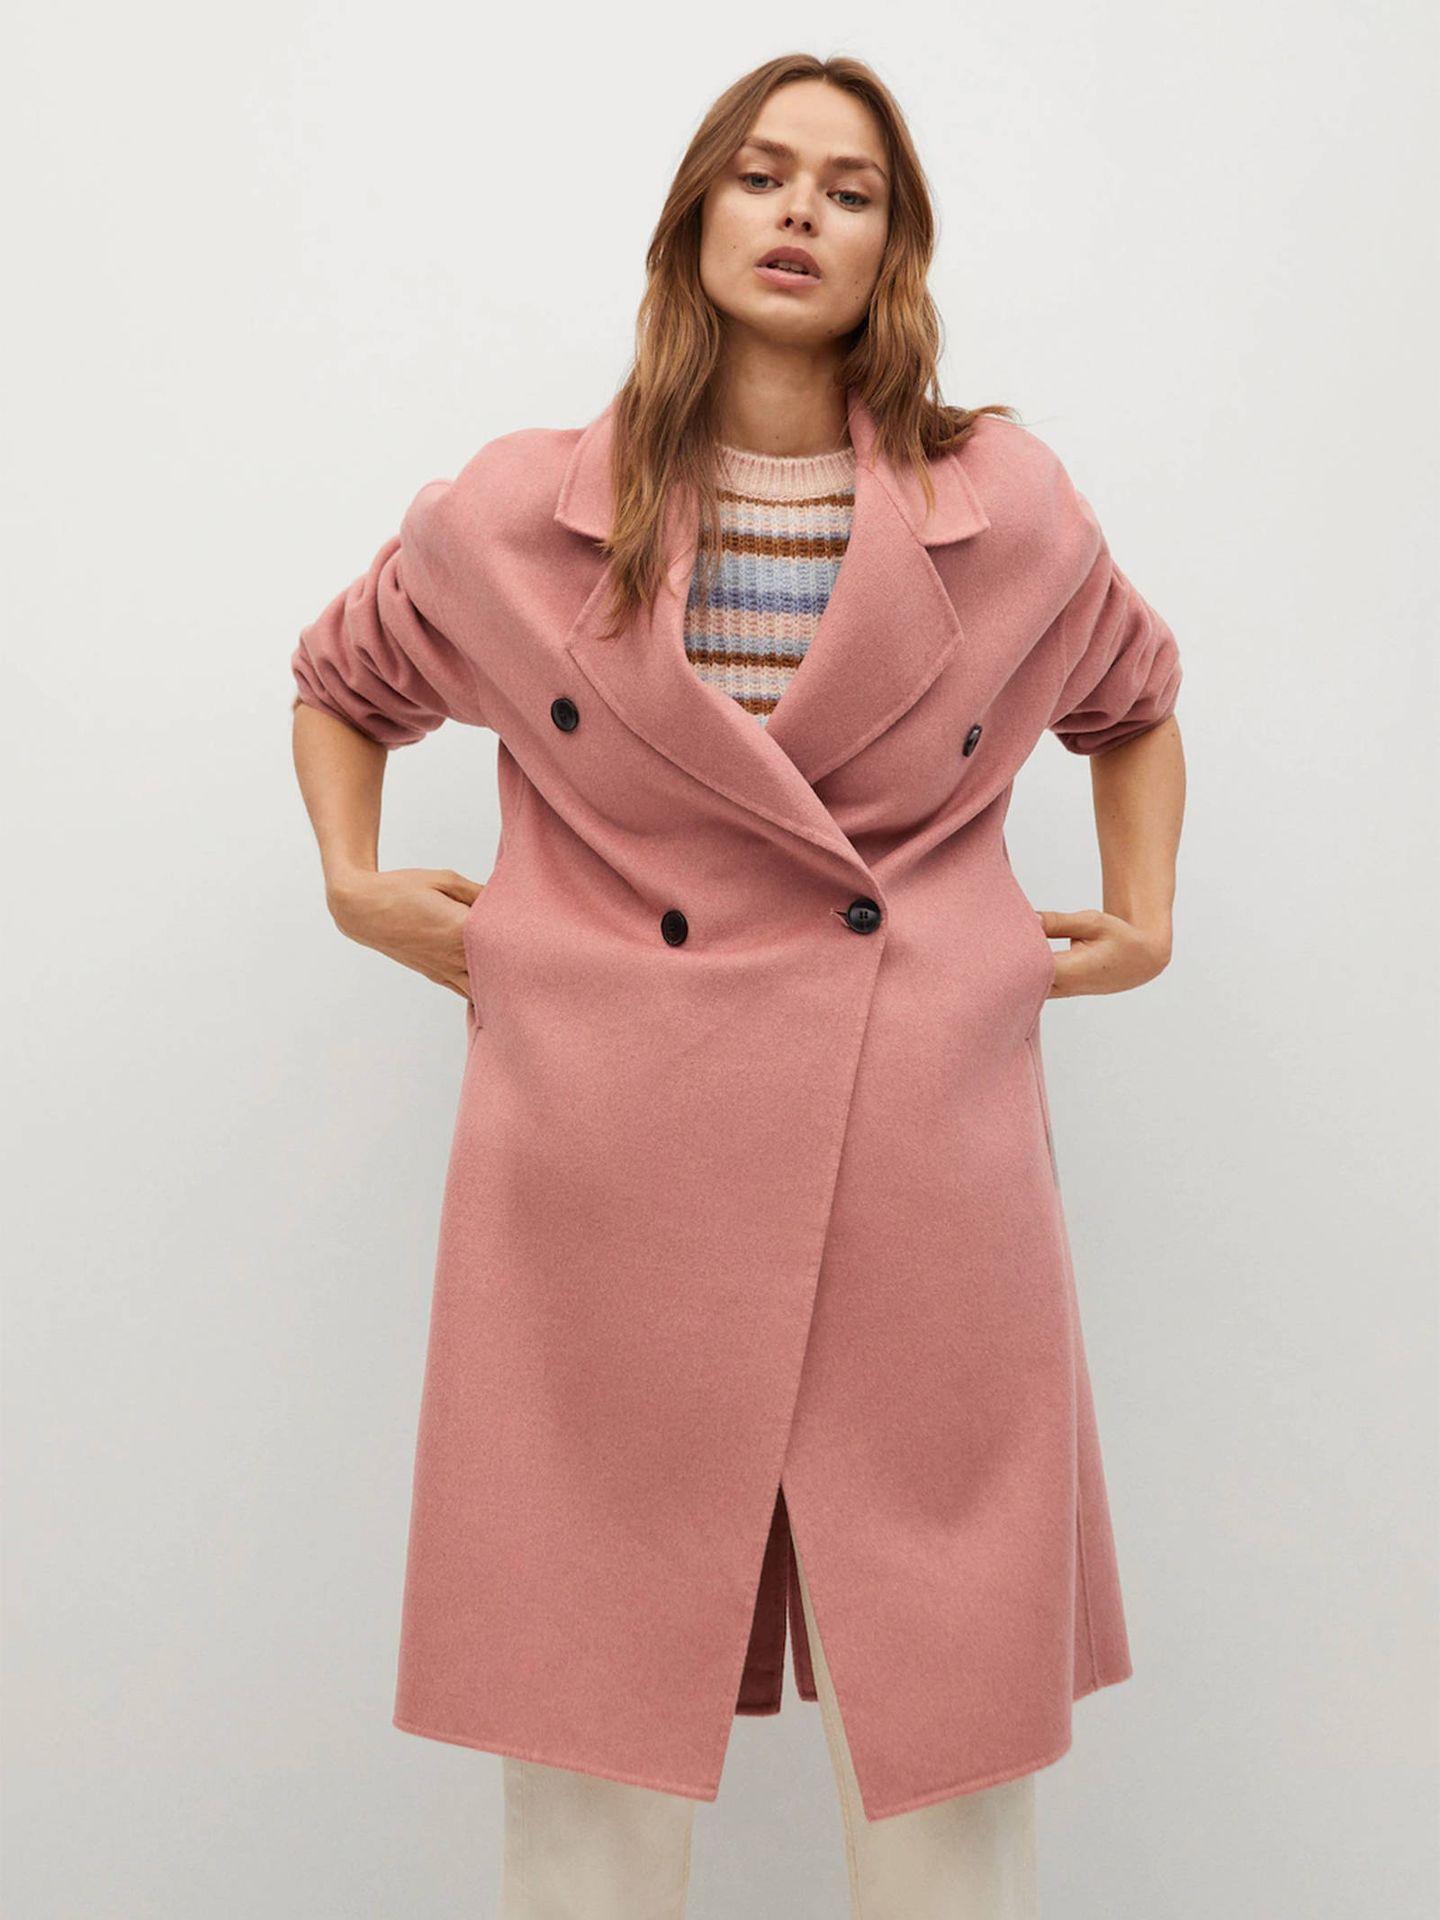 Abrigo rosa de Mango. (Cortesía)